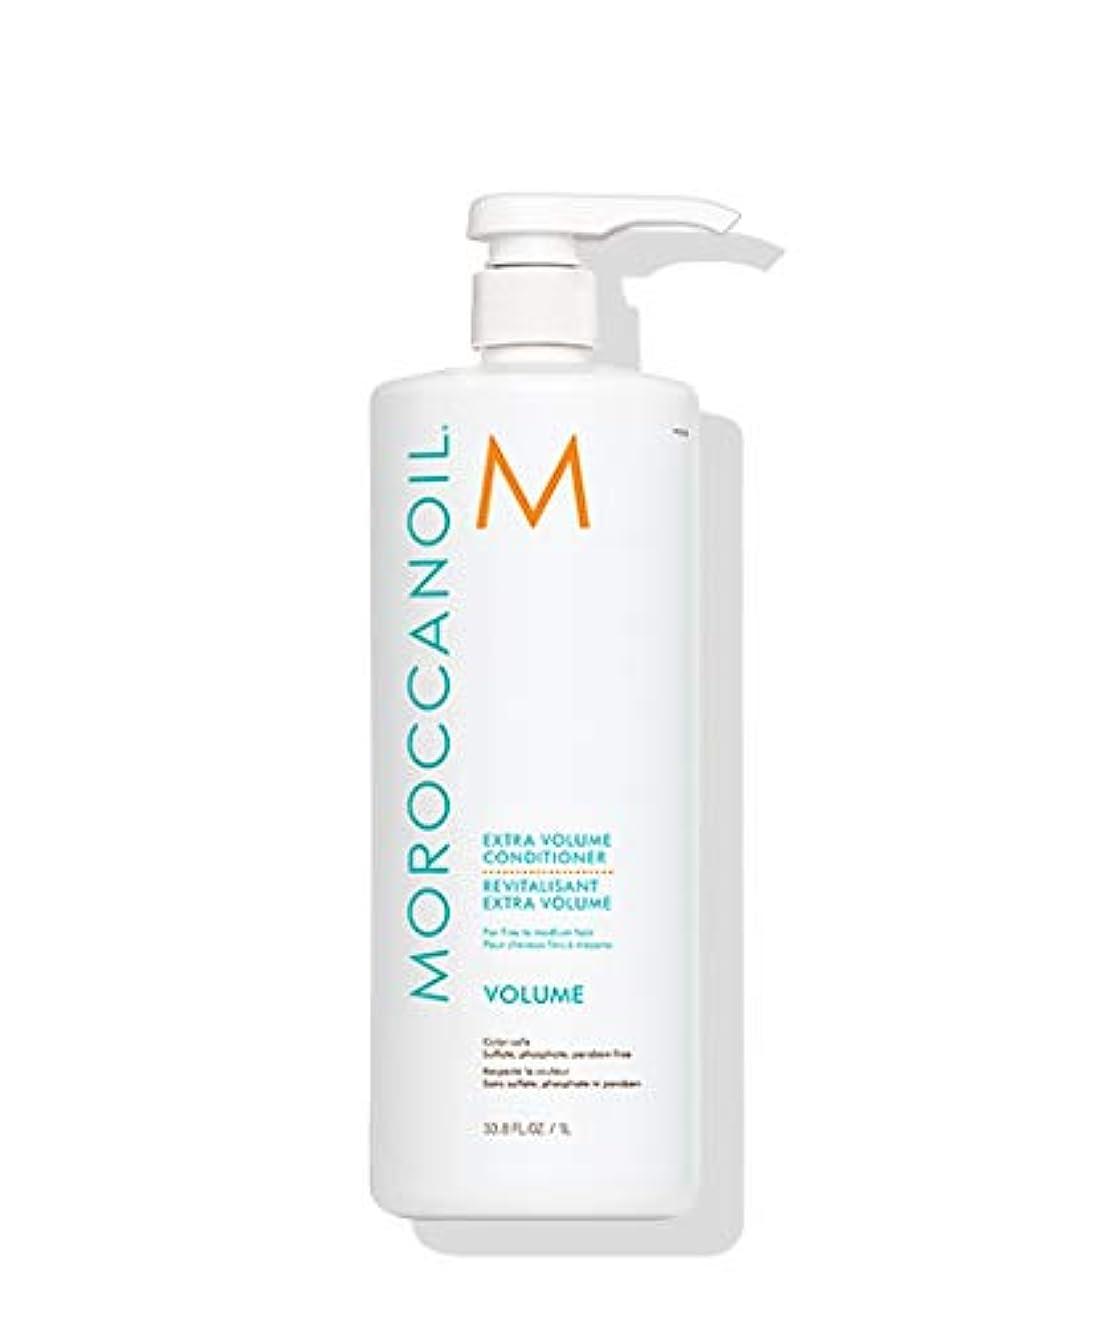 不正激怒持っているモロッカンオイル(MOROCCANOIL) モロッカンオイル エクストラ ボリューム コンディショナー 1000ml/33.8oz[並行輸入品]